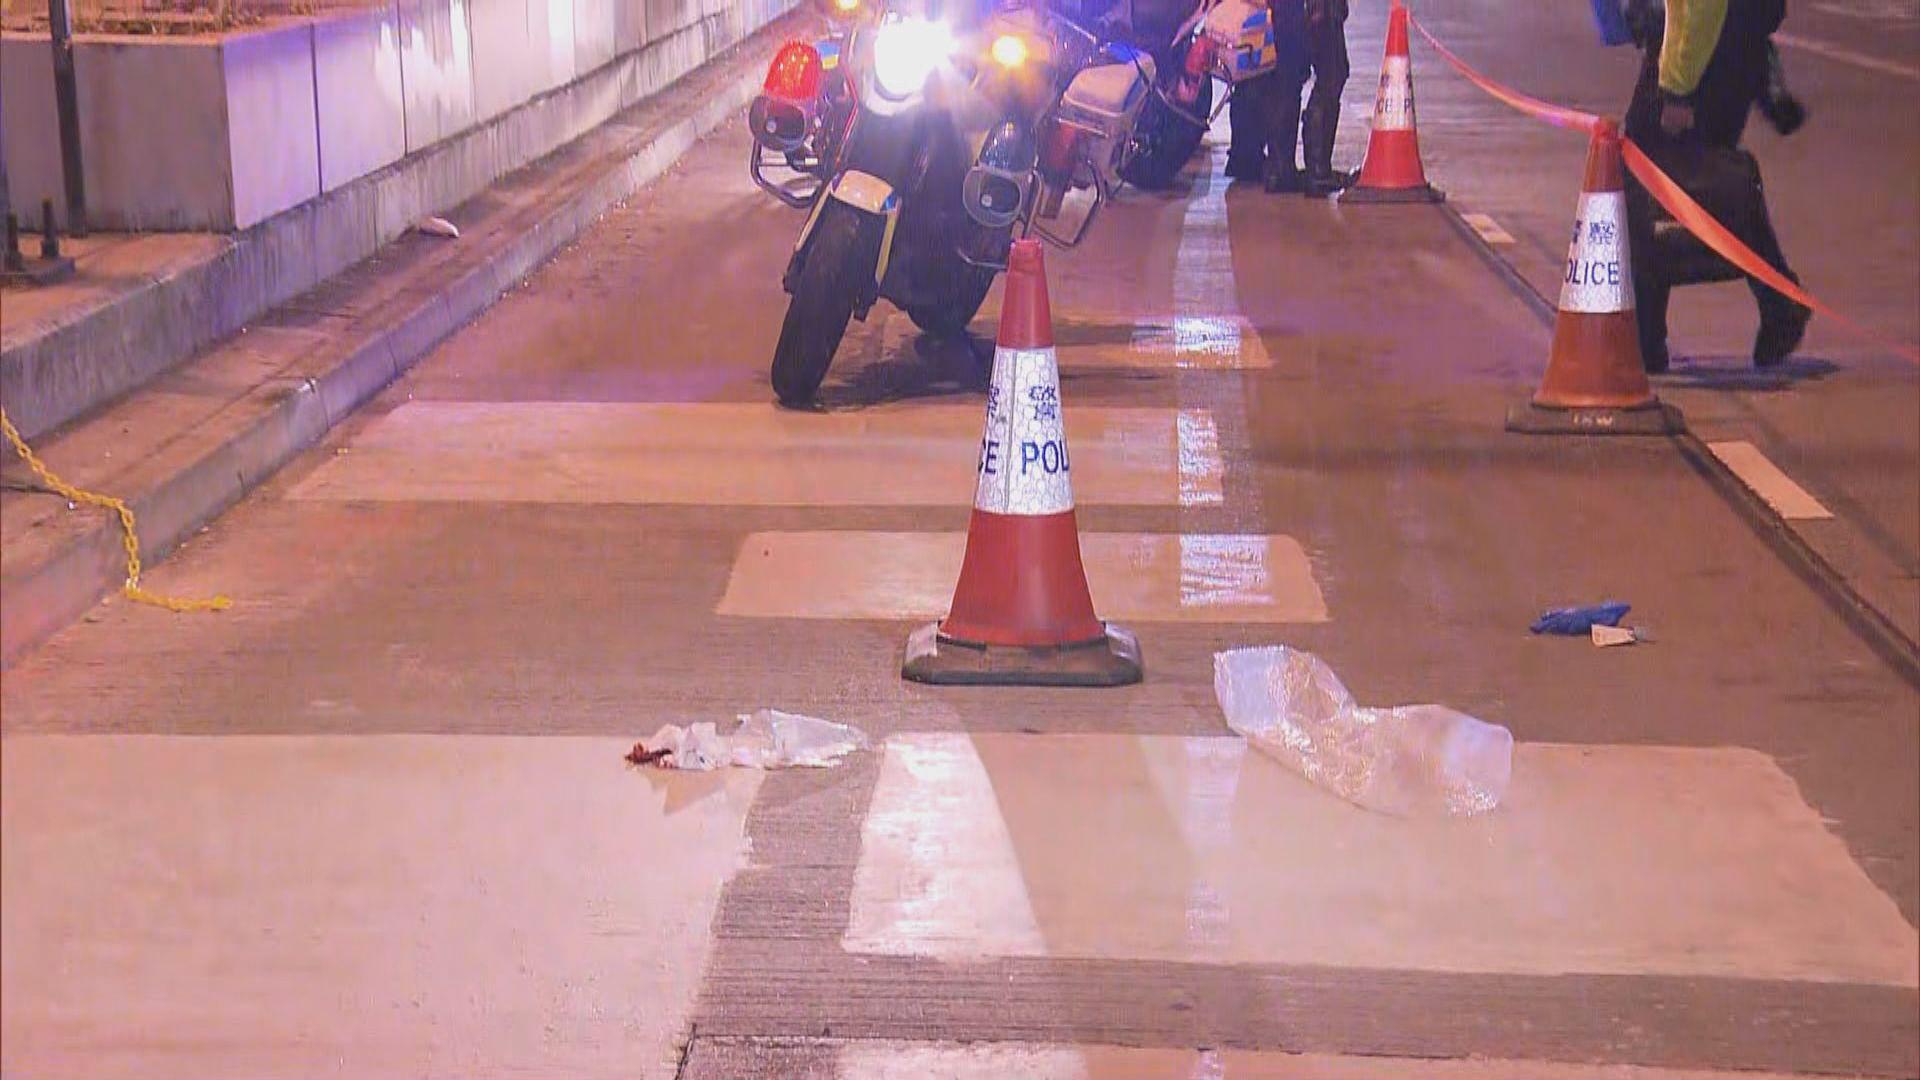 旺角彌敦道的士撞斃過路男子 警方正調查意外原因